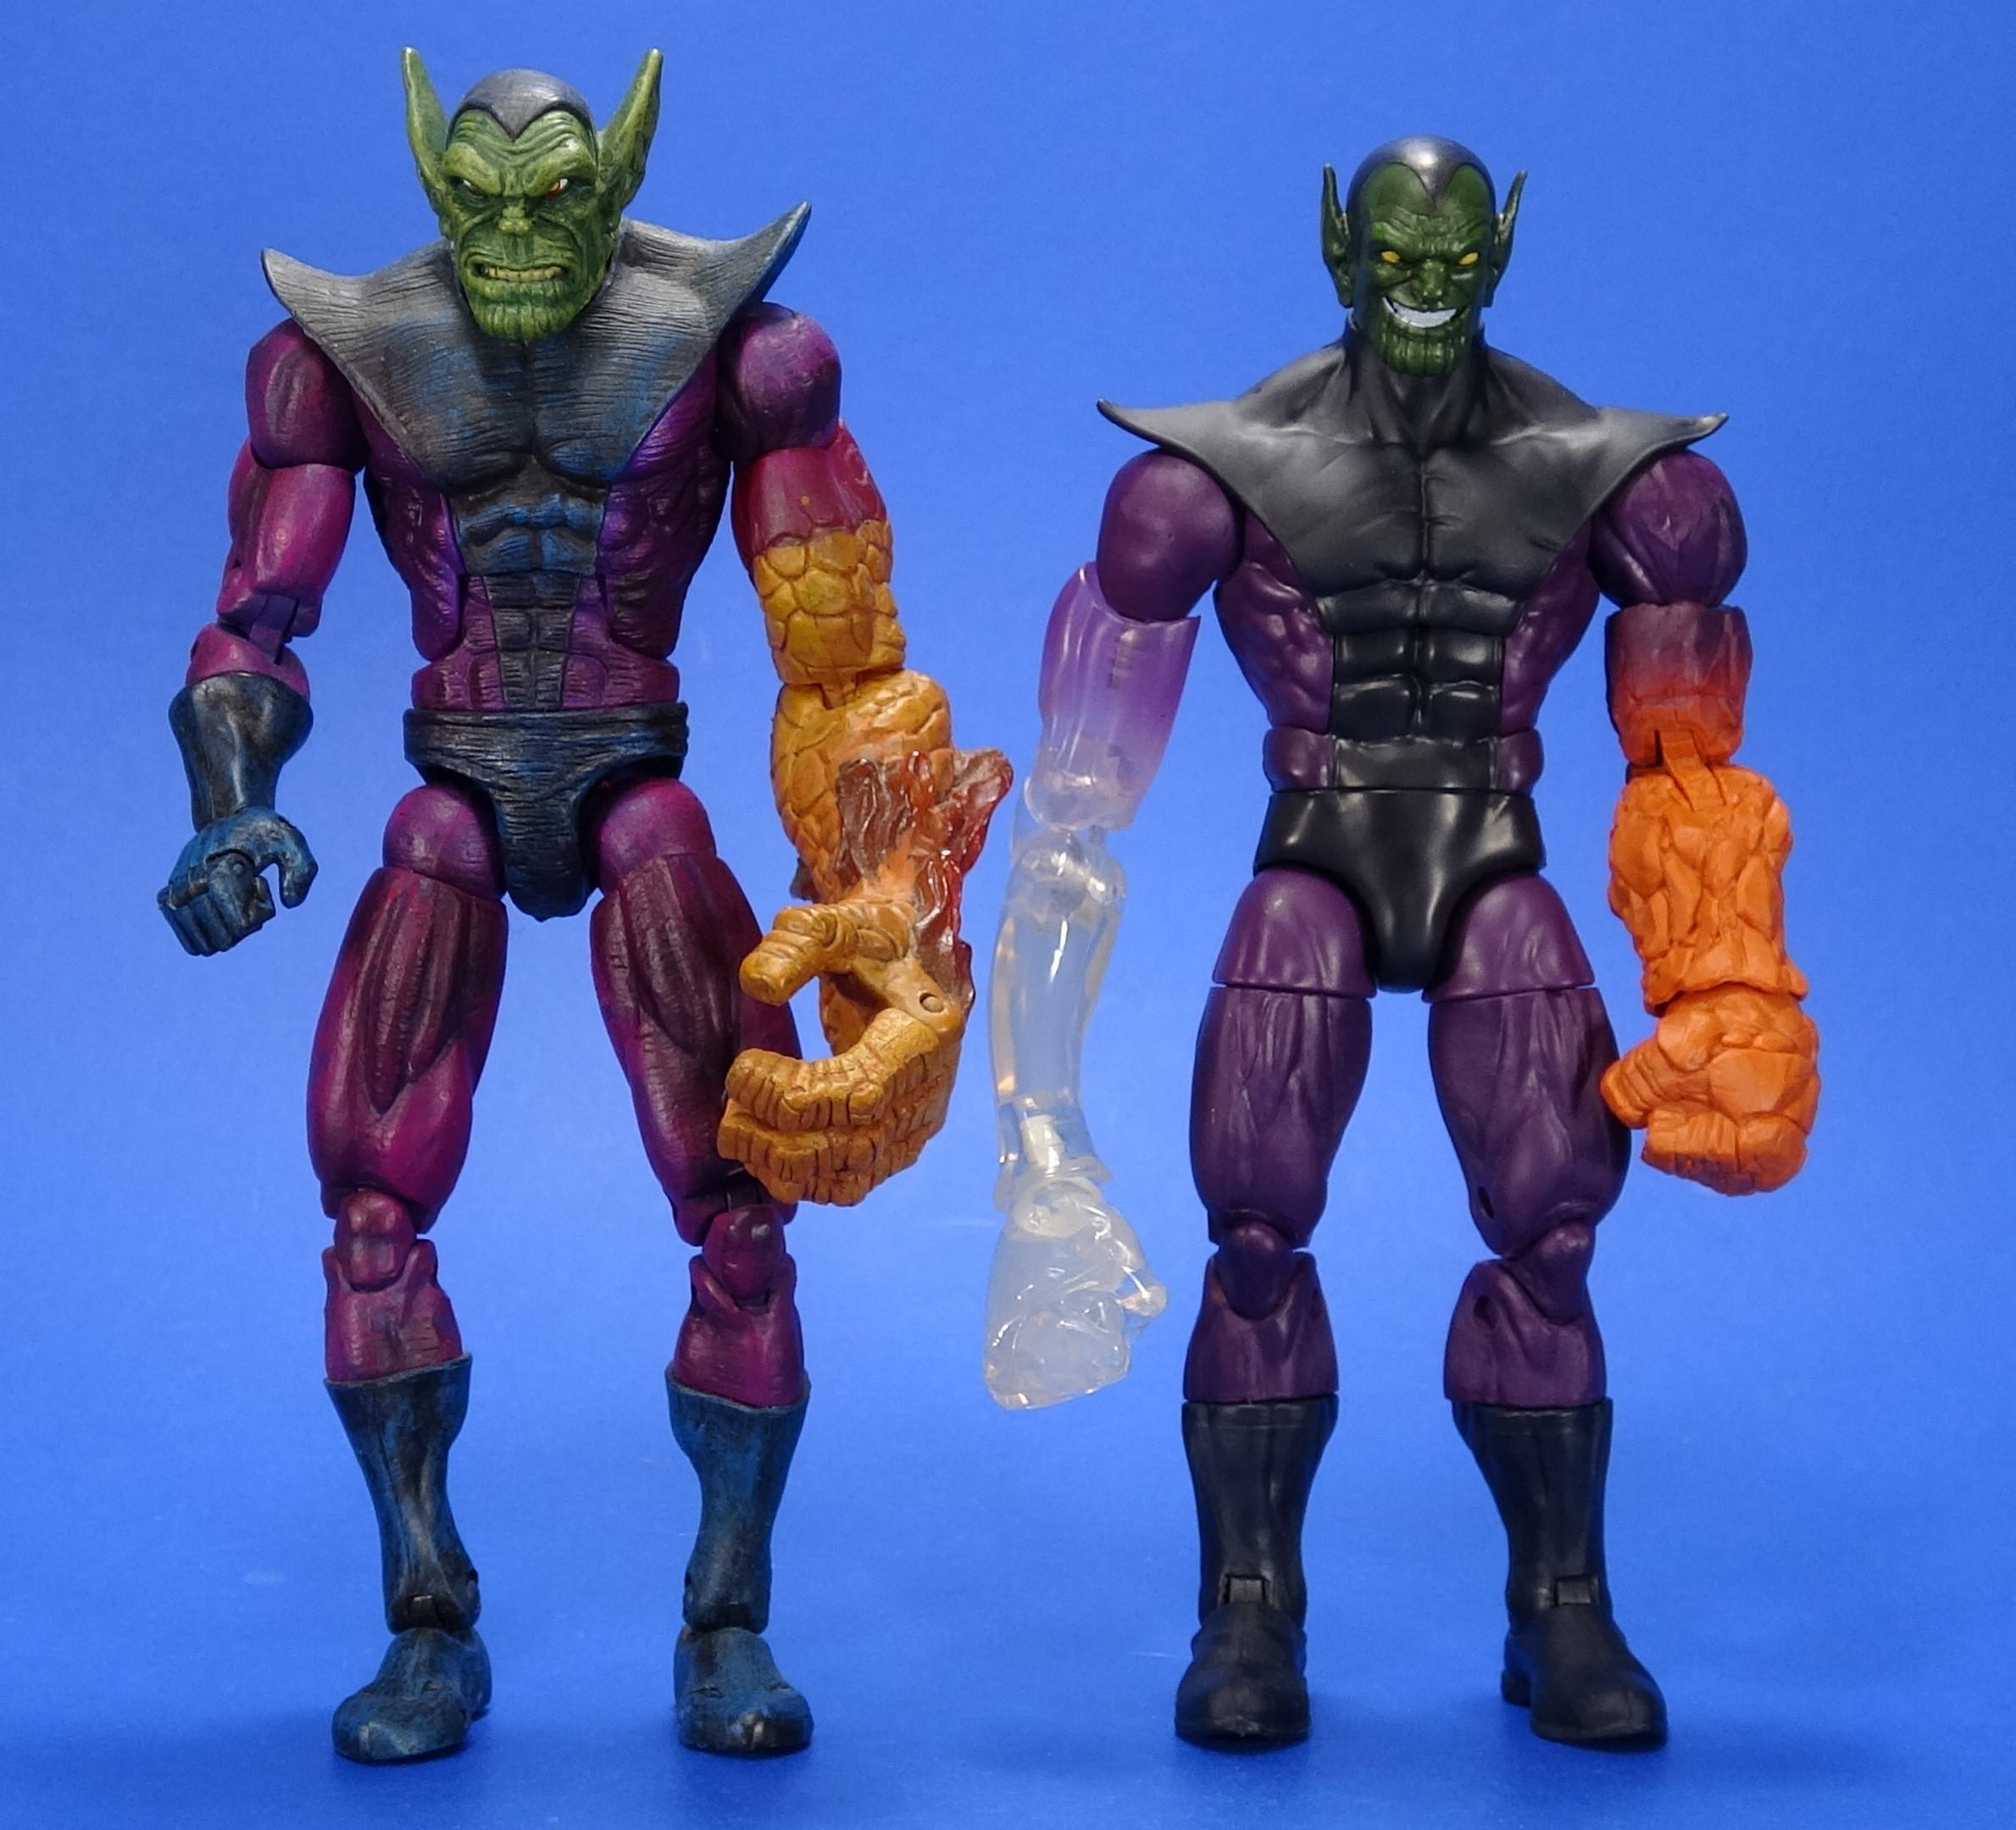 5. KI'Rt: Super Skrull